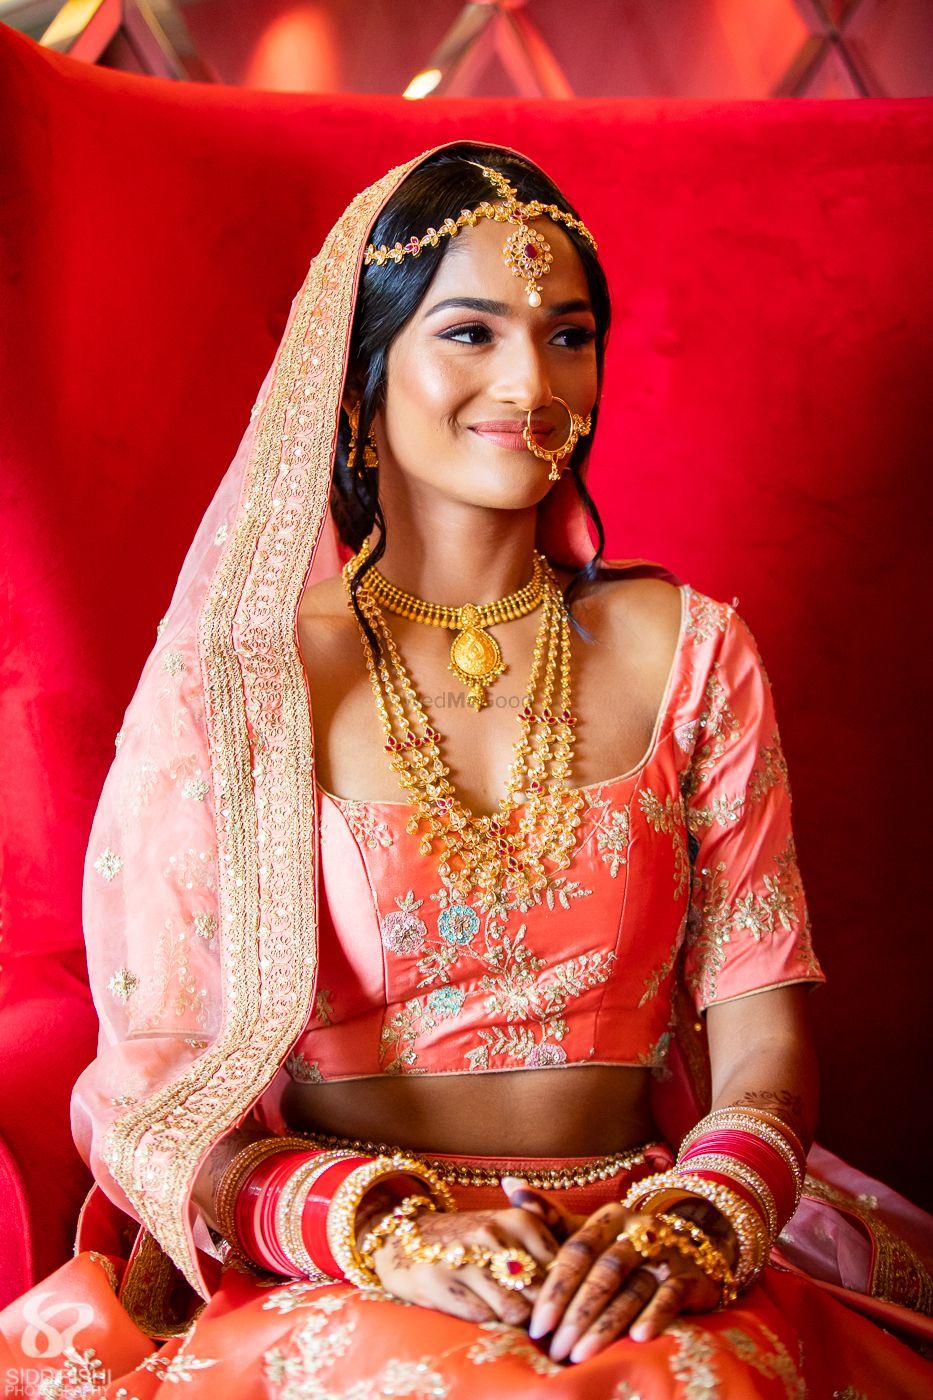 Photo From Hindu wedding - By Kala Shree Regalia